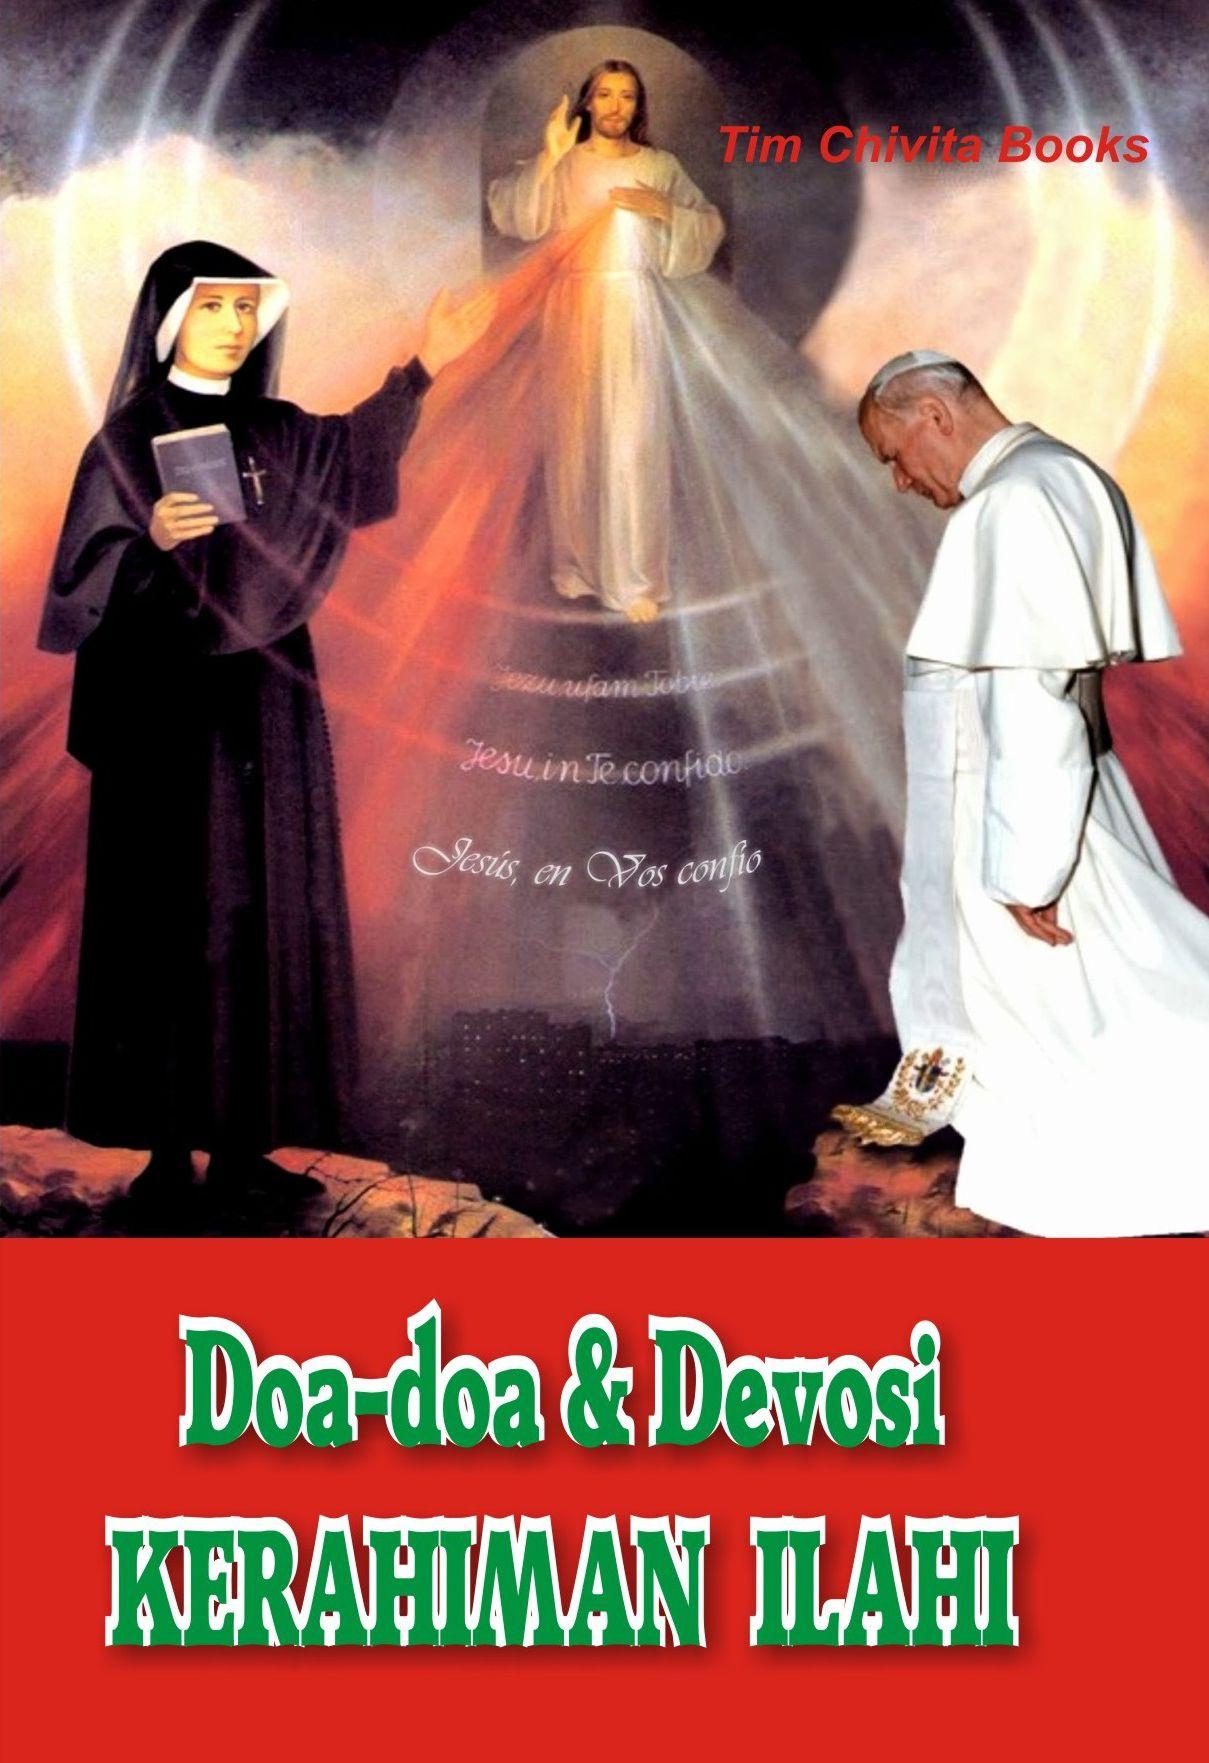 devosi dan novena kerahiman ilahi - Doa dan Devosi Kerahiman ilahi